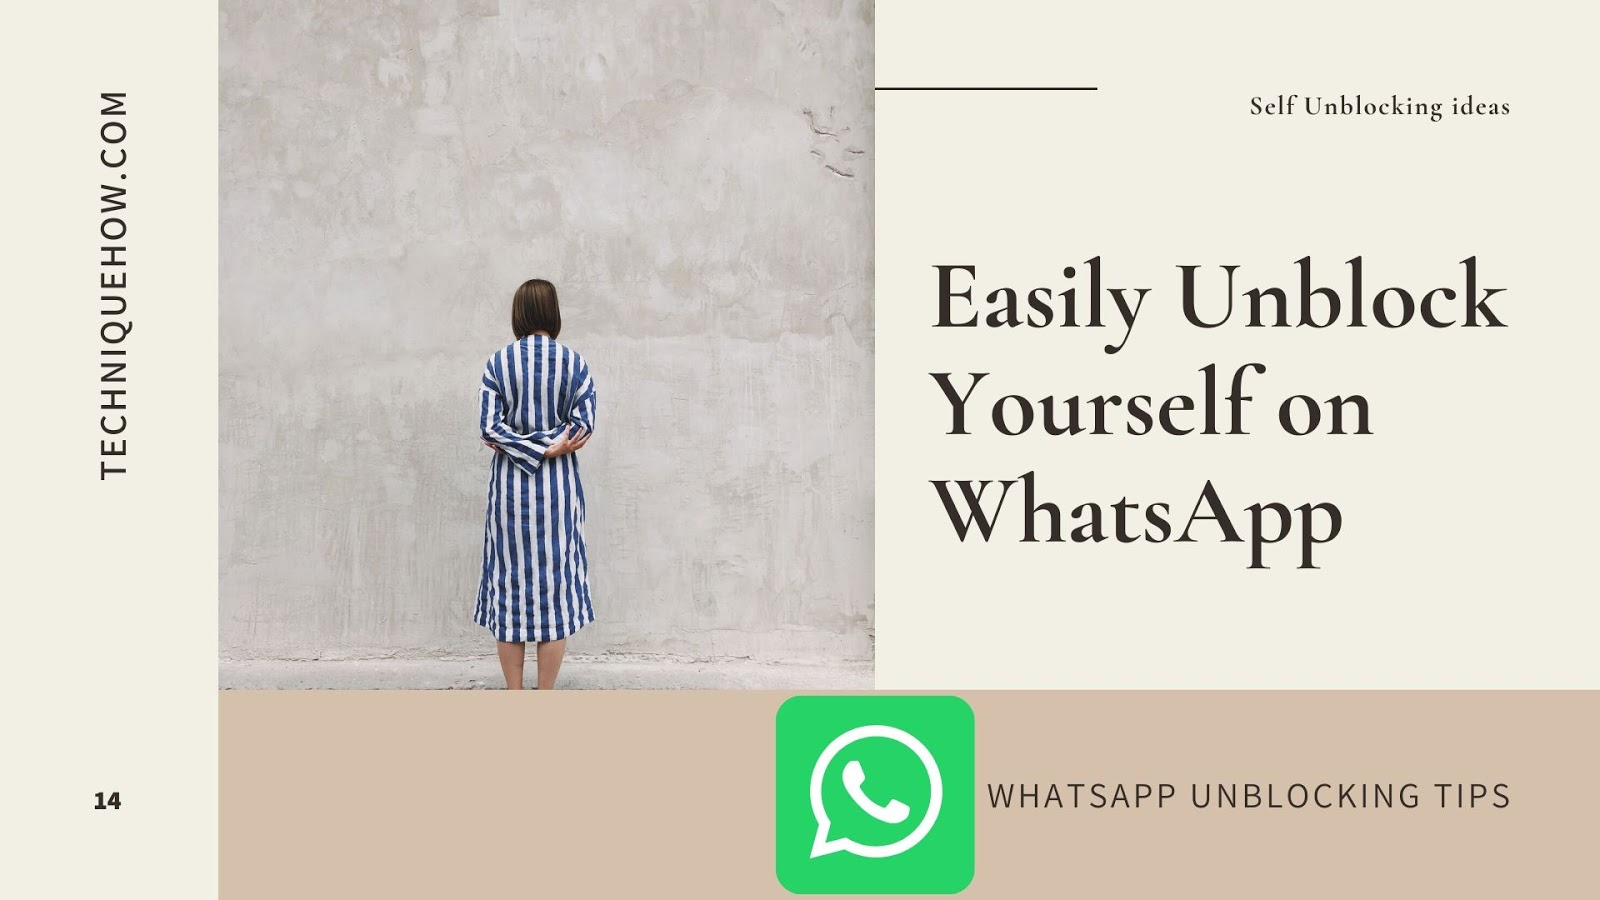 unblock yourself whatsapp